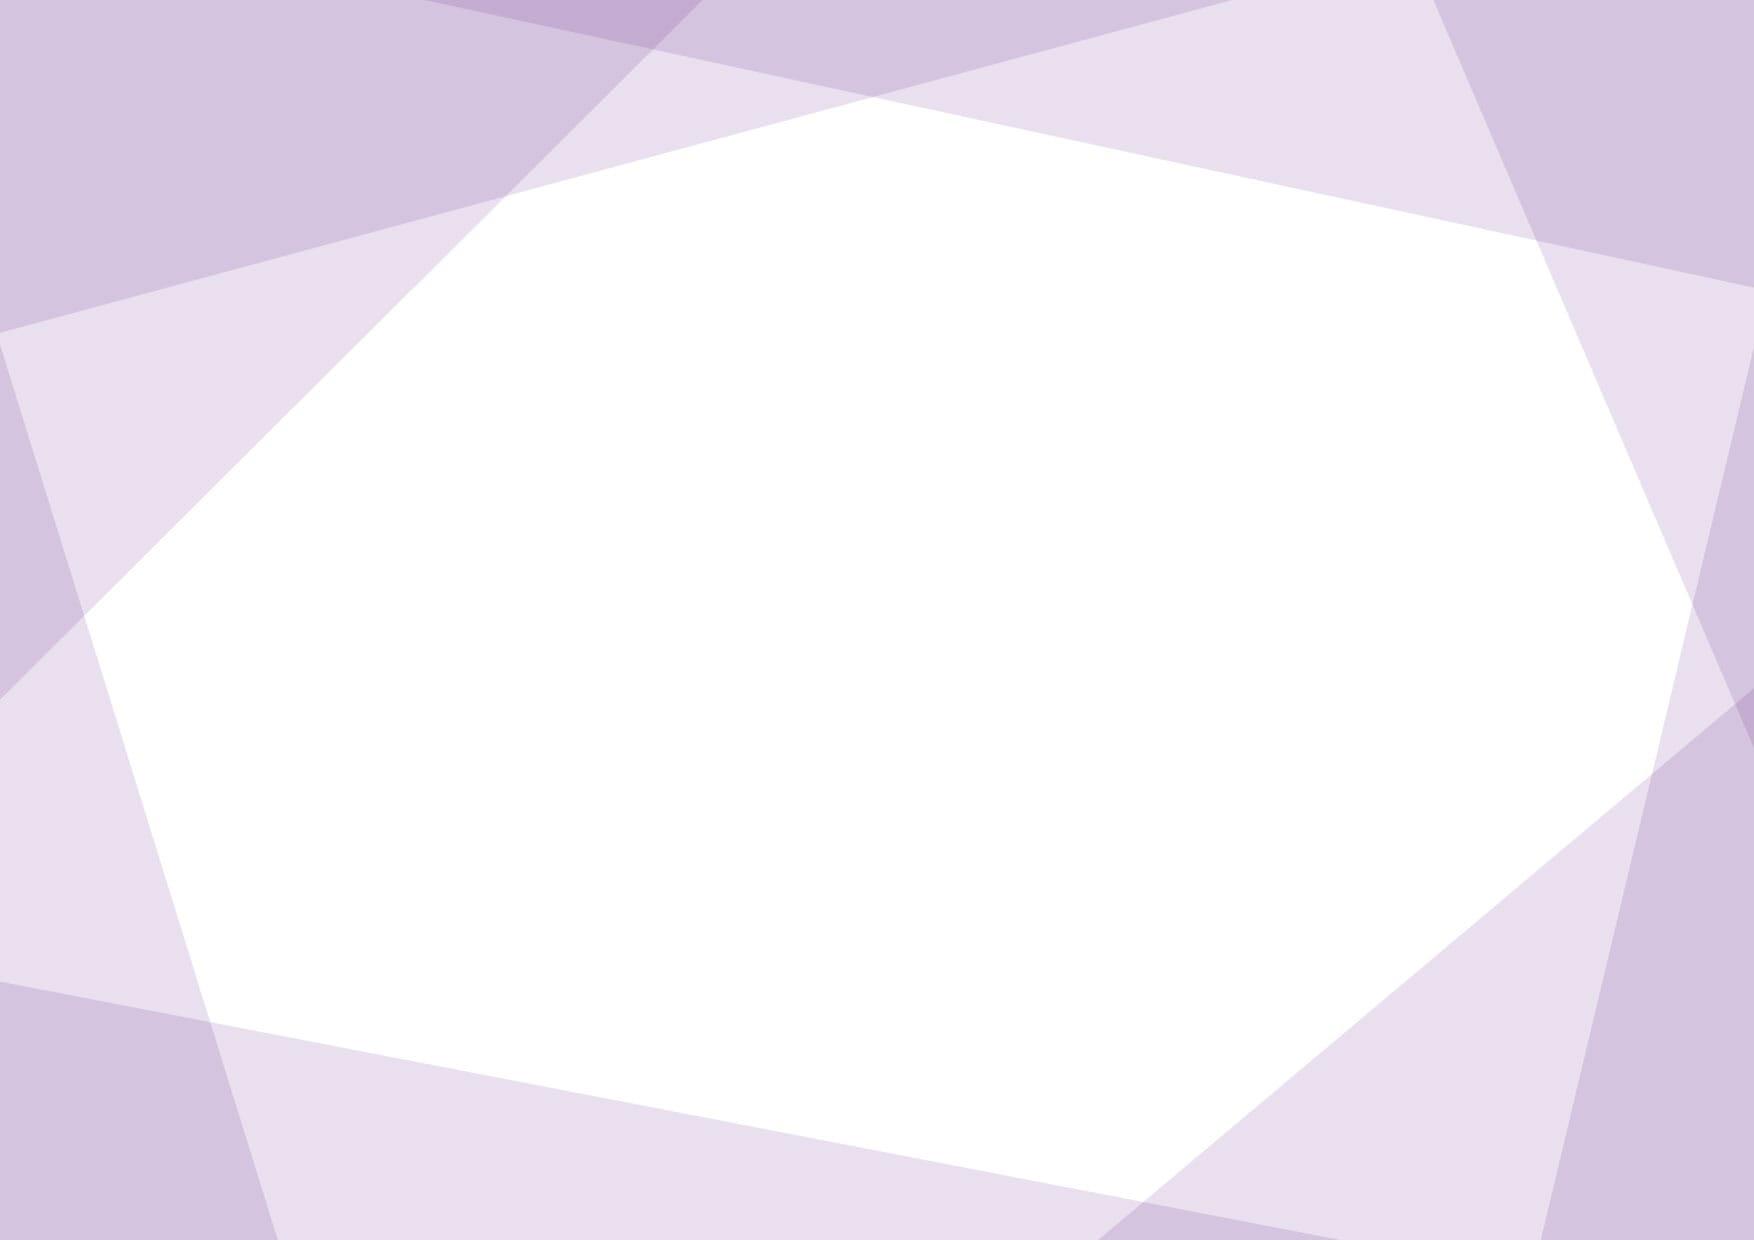 背景 シンプル フレーム 紫色 イラスト 無料